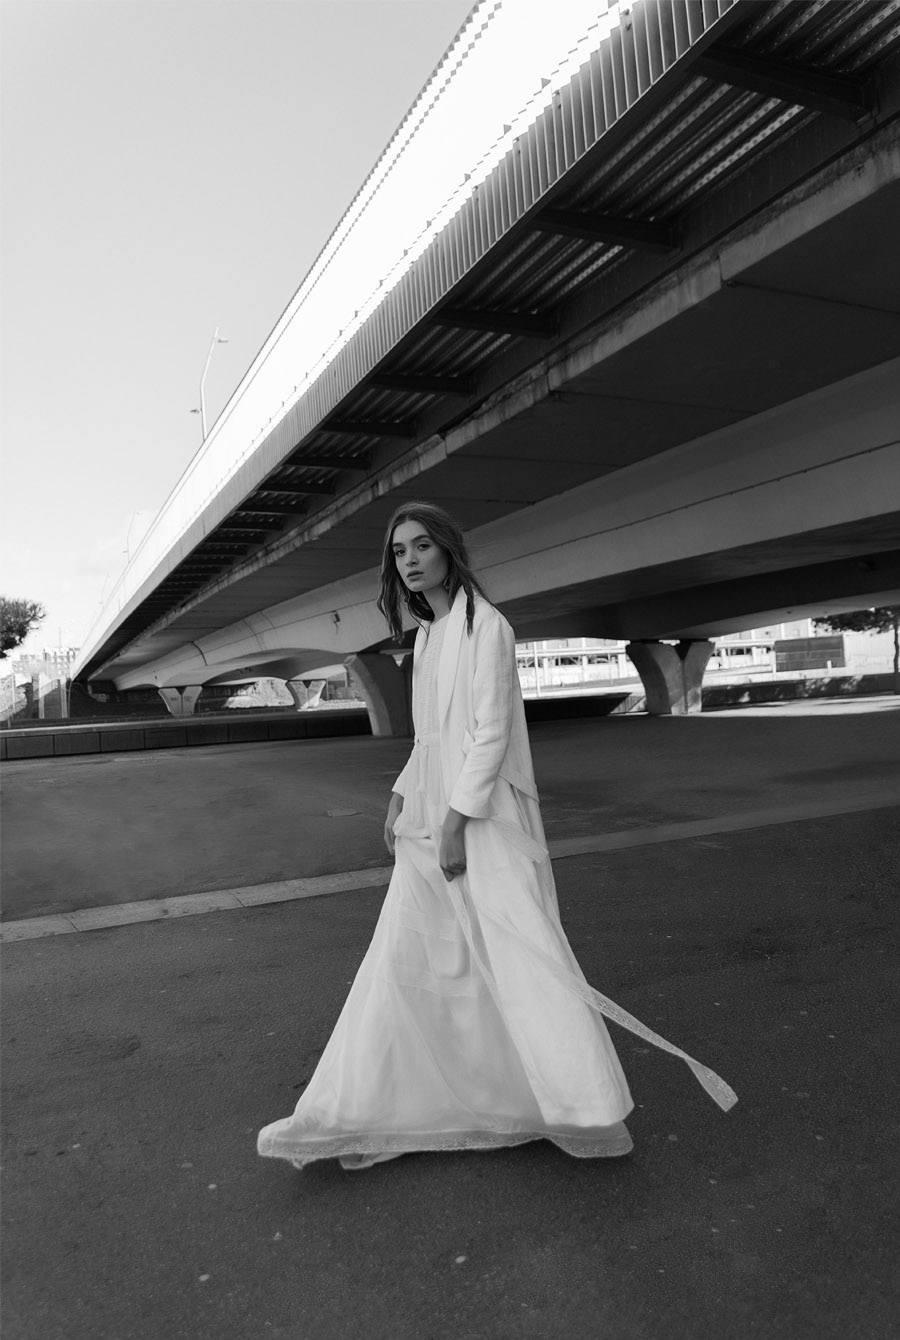 NUEVA COLECCIÓN PARA NOVIAS DE INTROPIA ATELIER vestido-novia-intropia